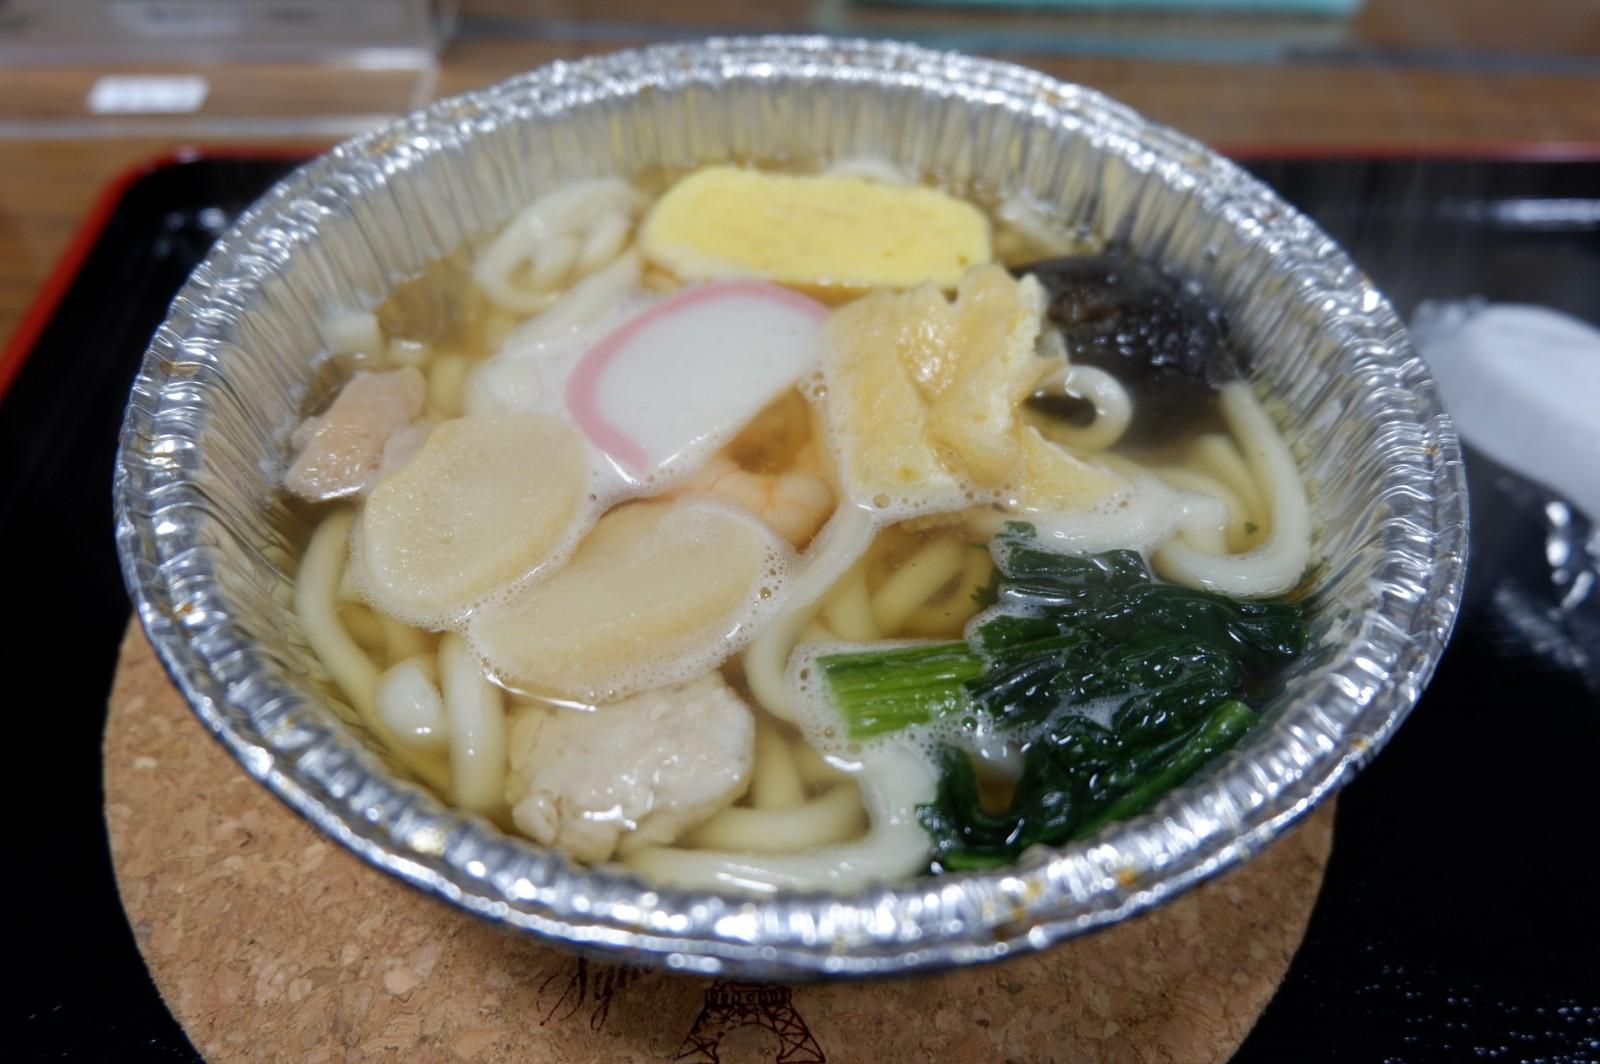 雪降る東京であちち、、、キンレイ「鍋焼うどん」試食会&キンレイ心染寄席